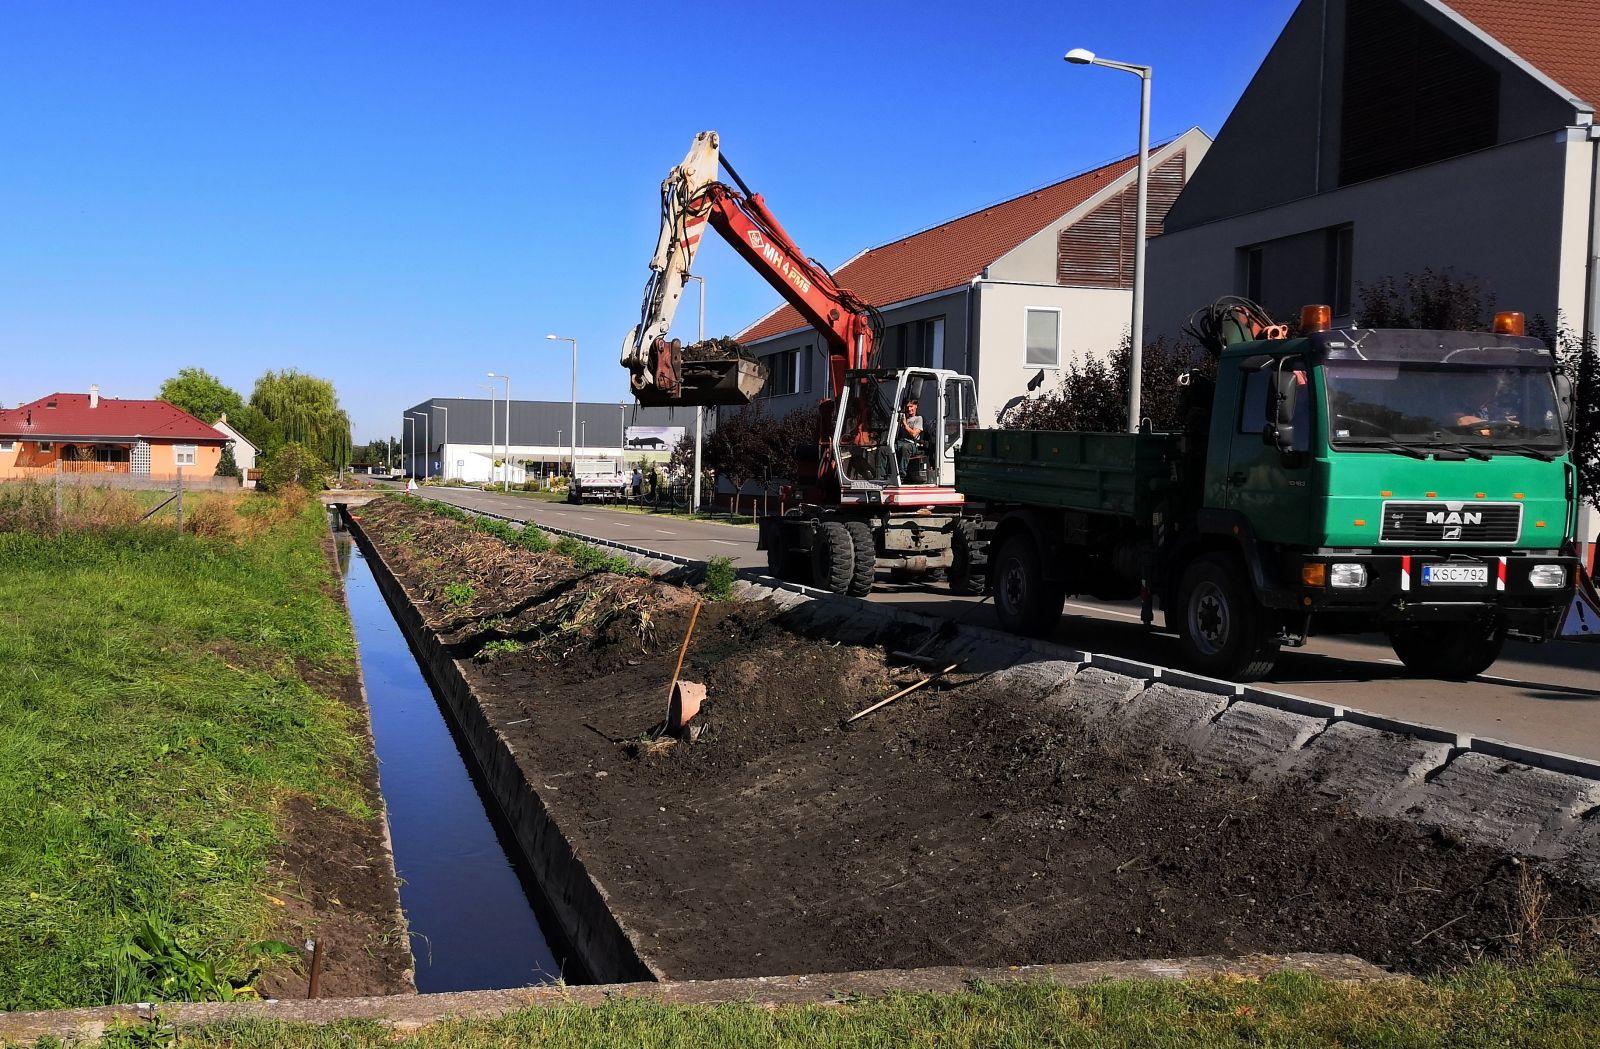 Őszre kitisztították az egyik fő csapadékvíz elvezető csatornát